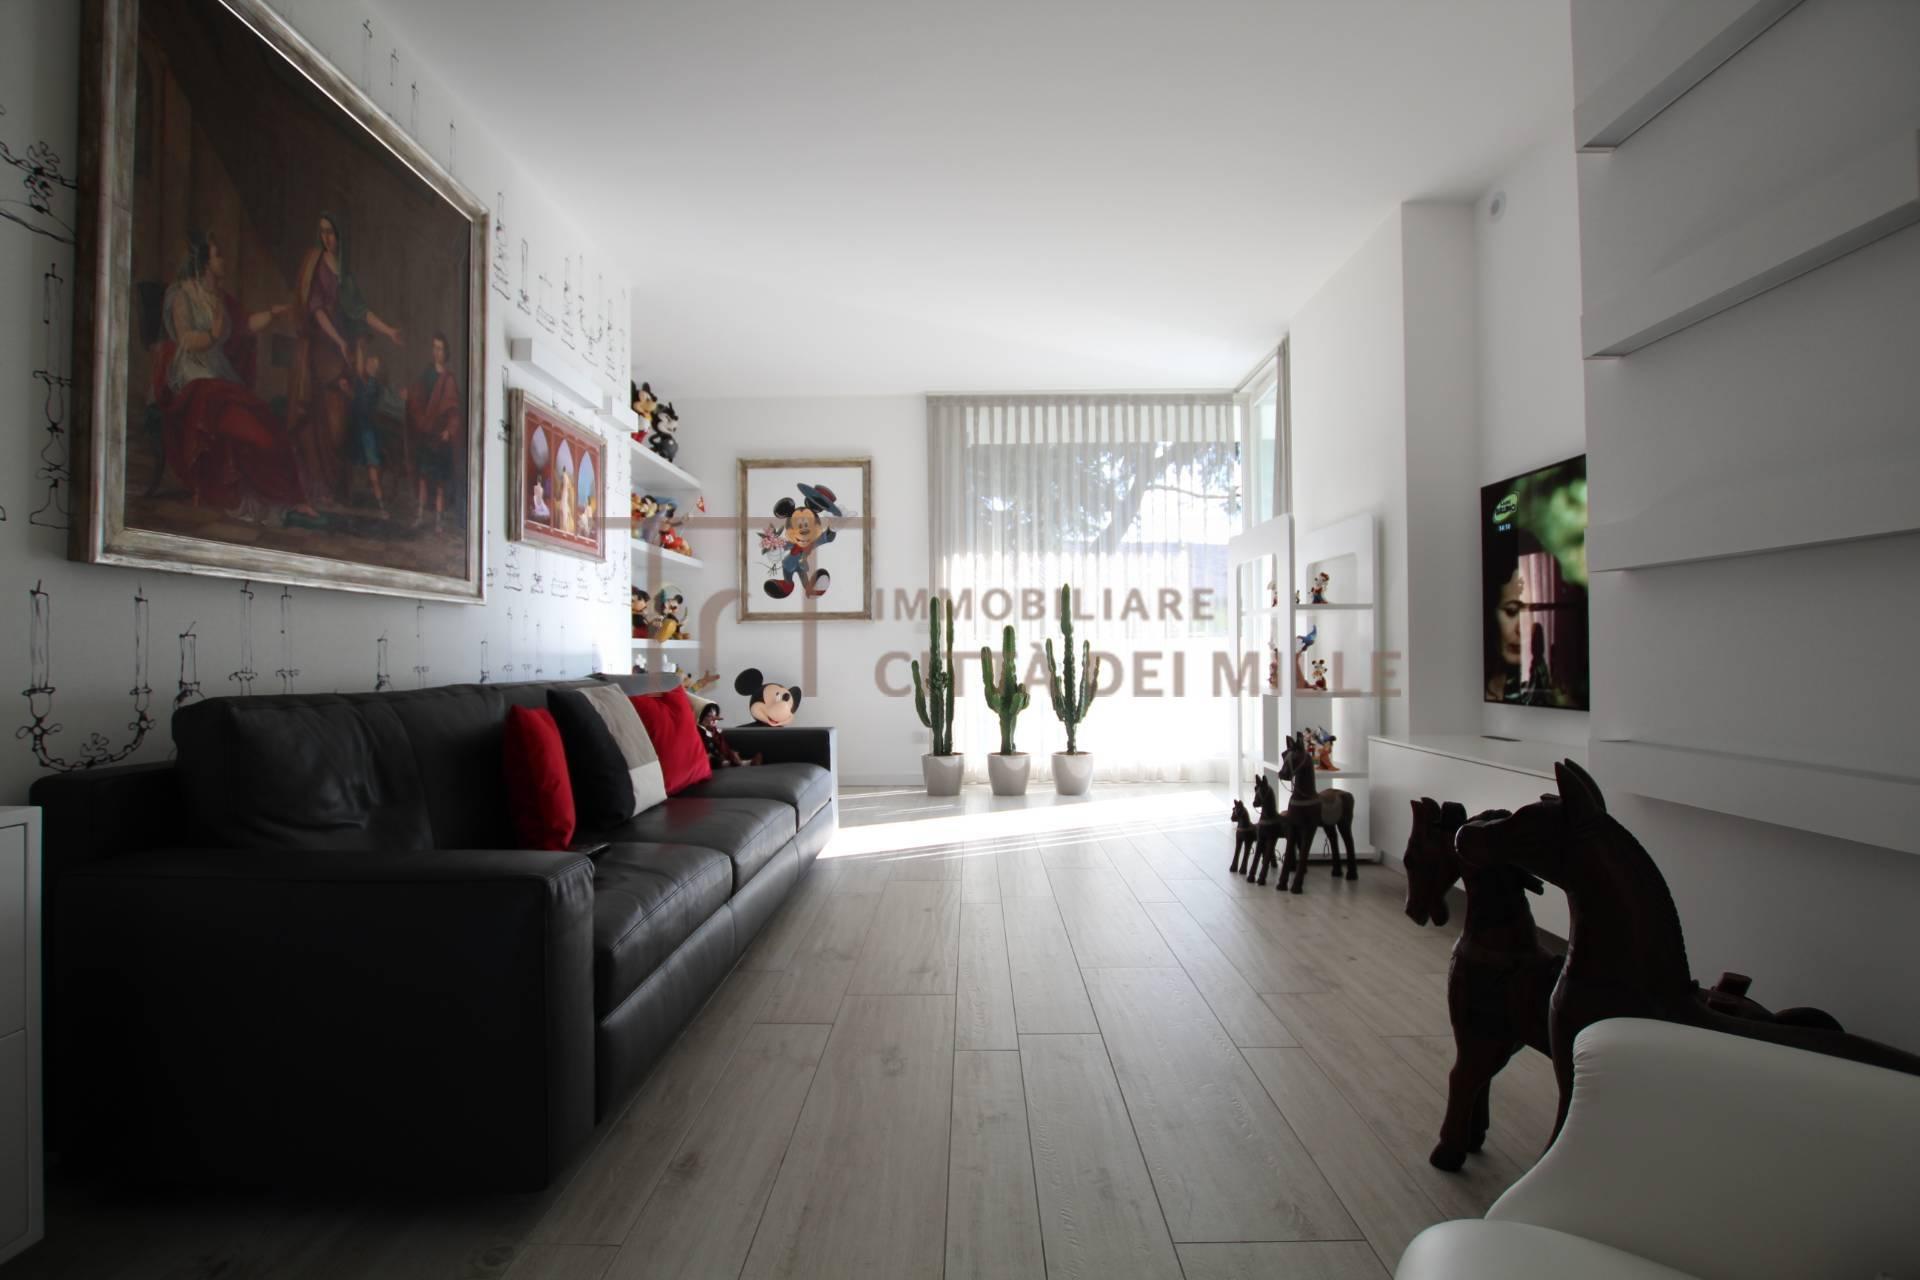 Appartamento in vendita a Villa di Serio, 3 locali, zona Località: Centro, prezzo € 280.000   PortaleAgenzieImmobiliari.it